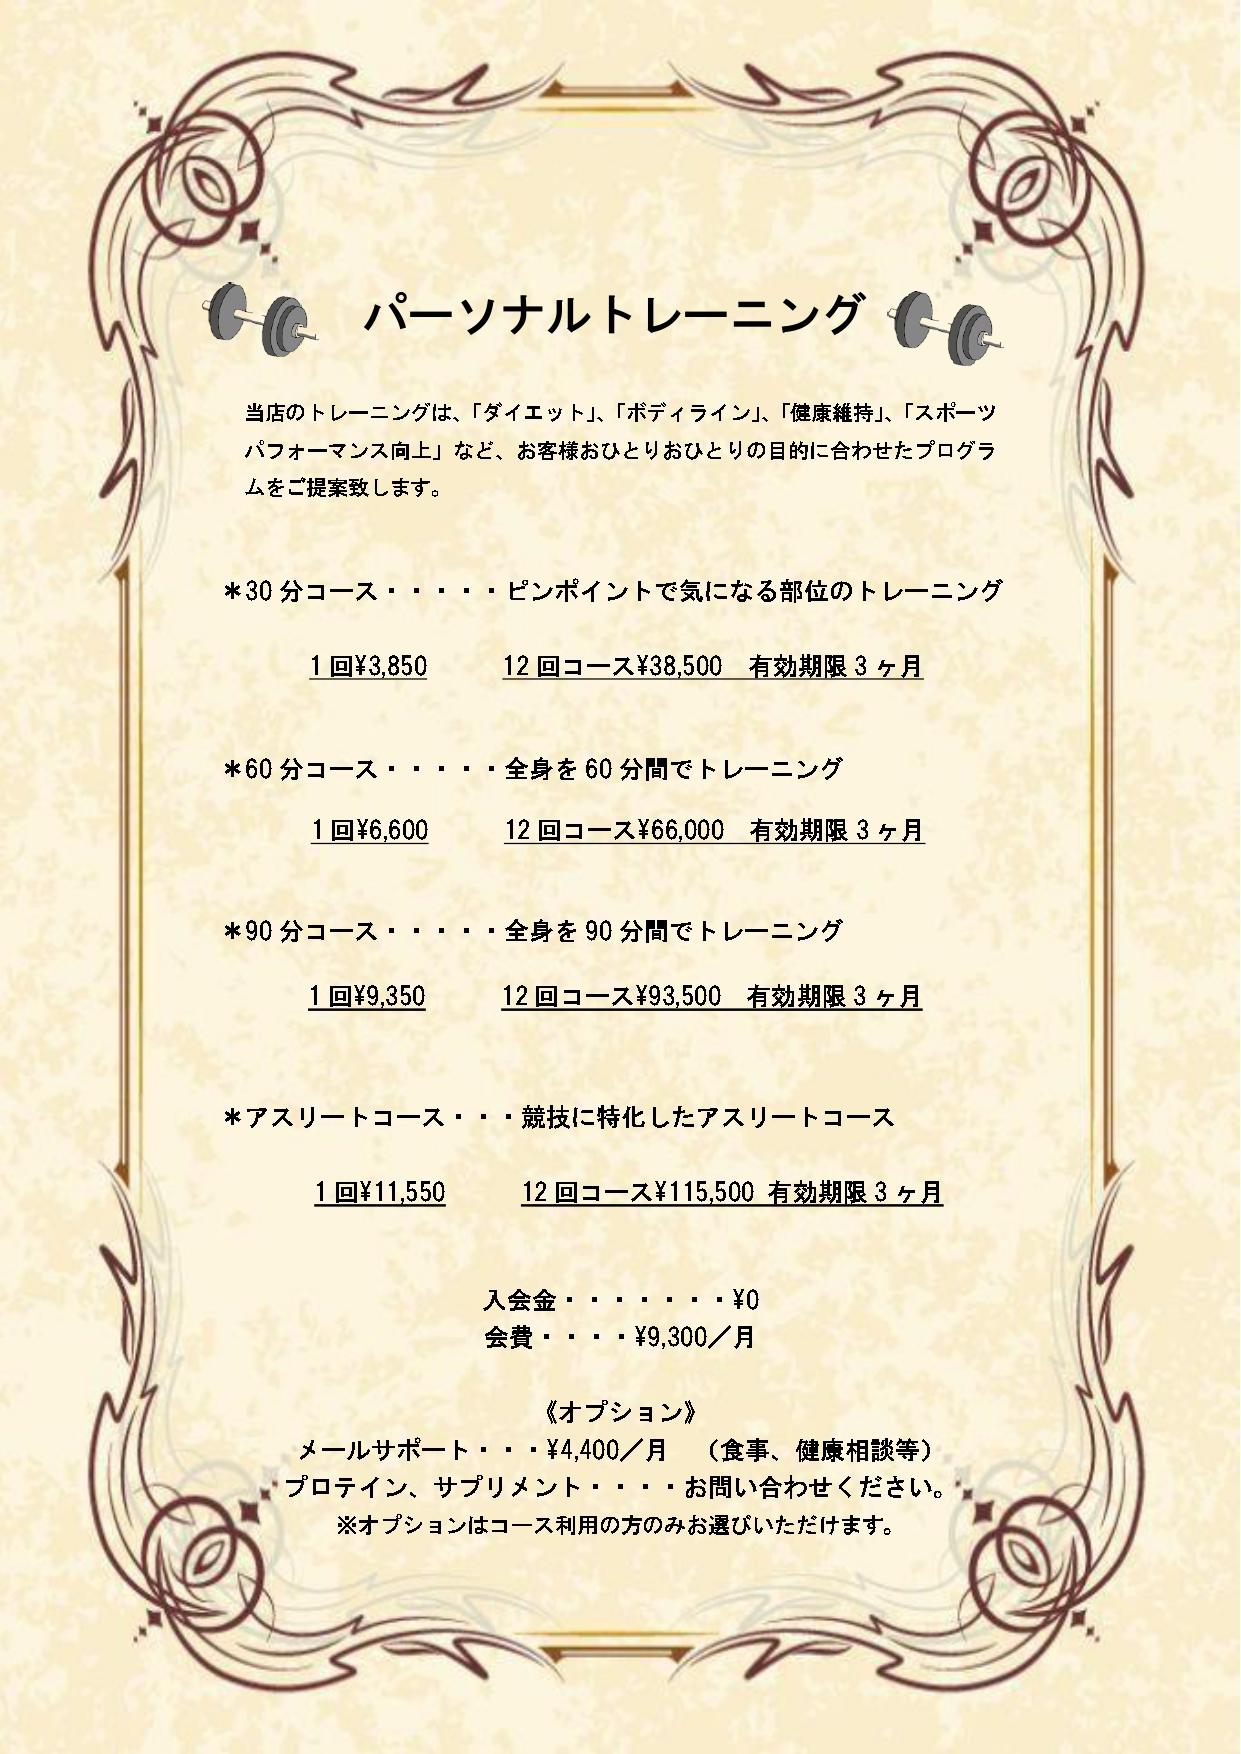 トレーニングメニュー表_page-0001 (1)